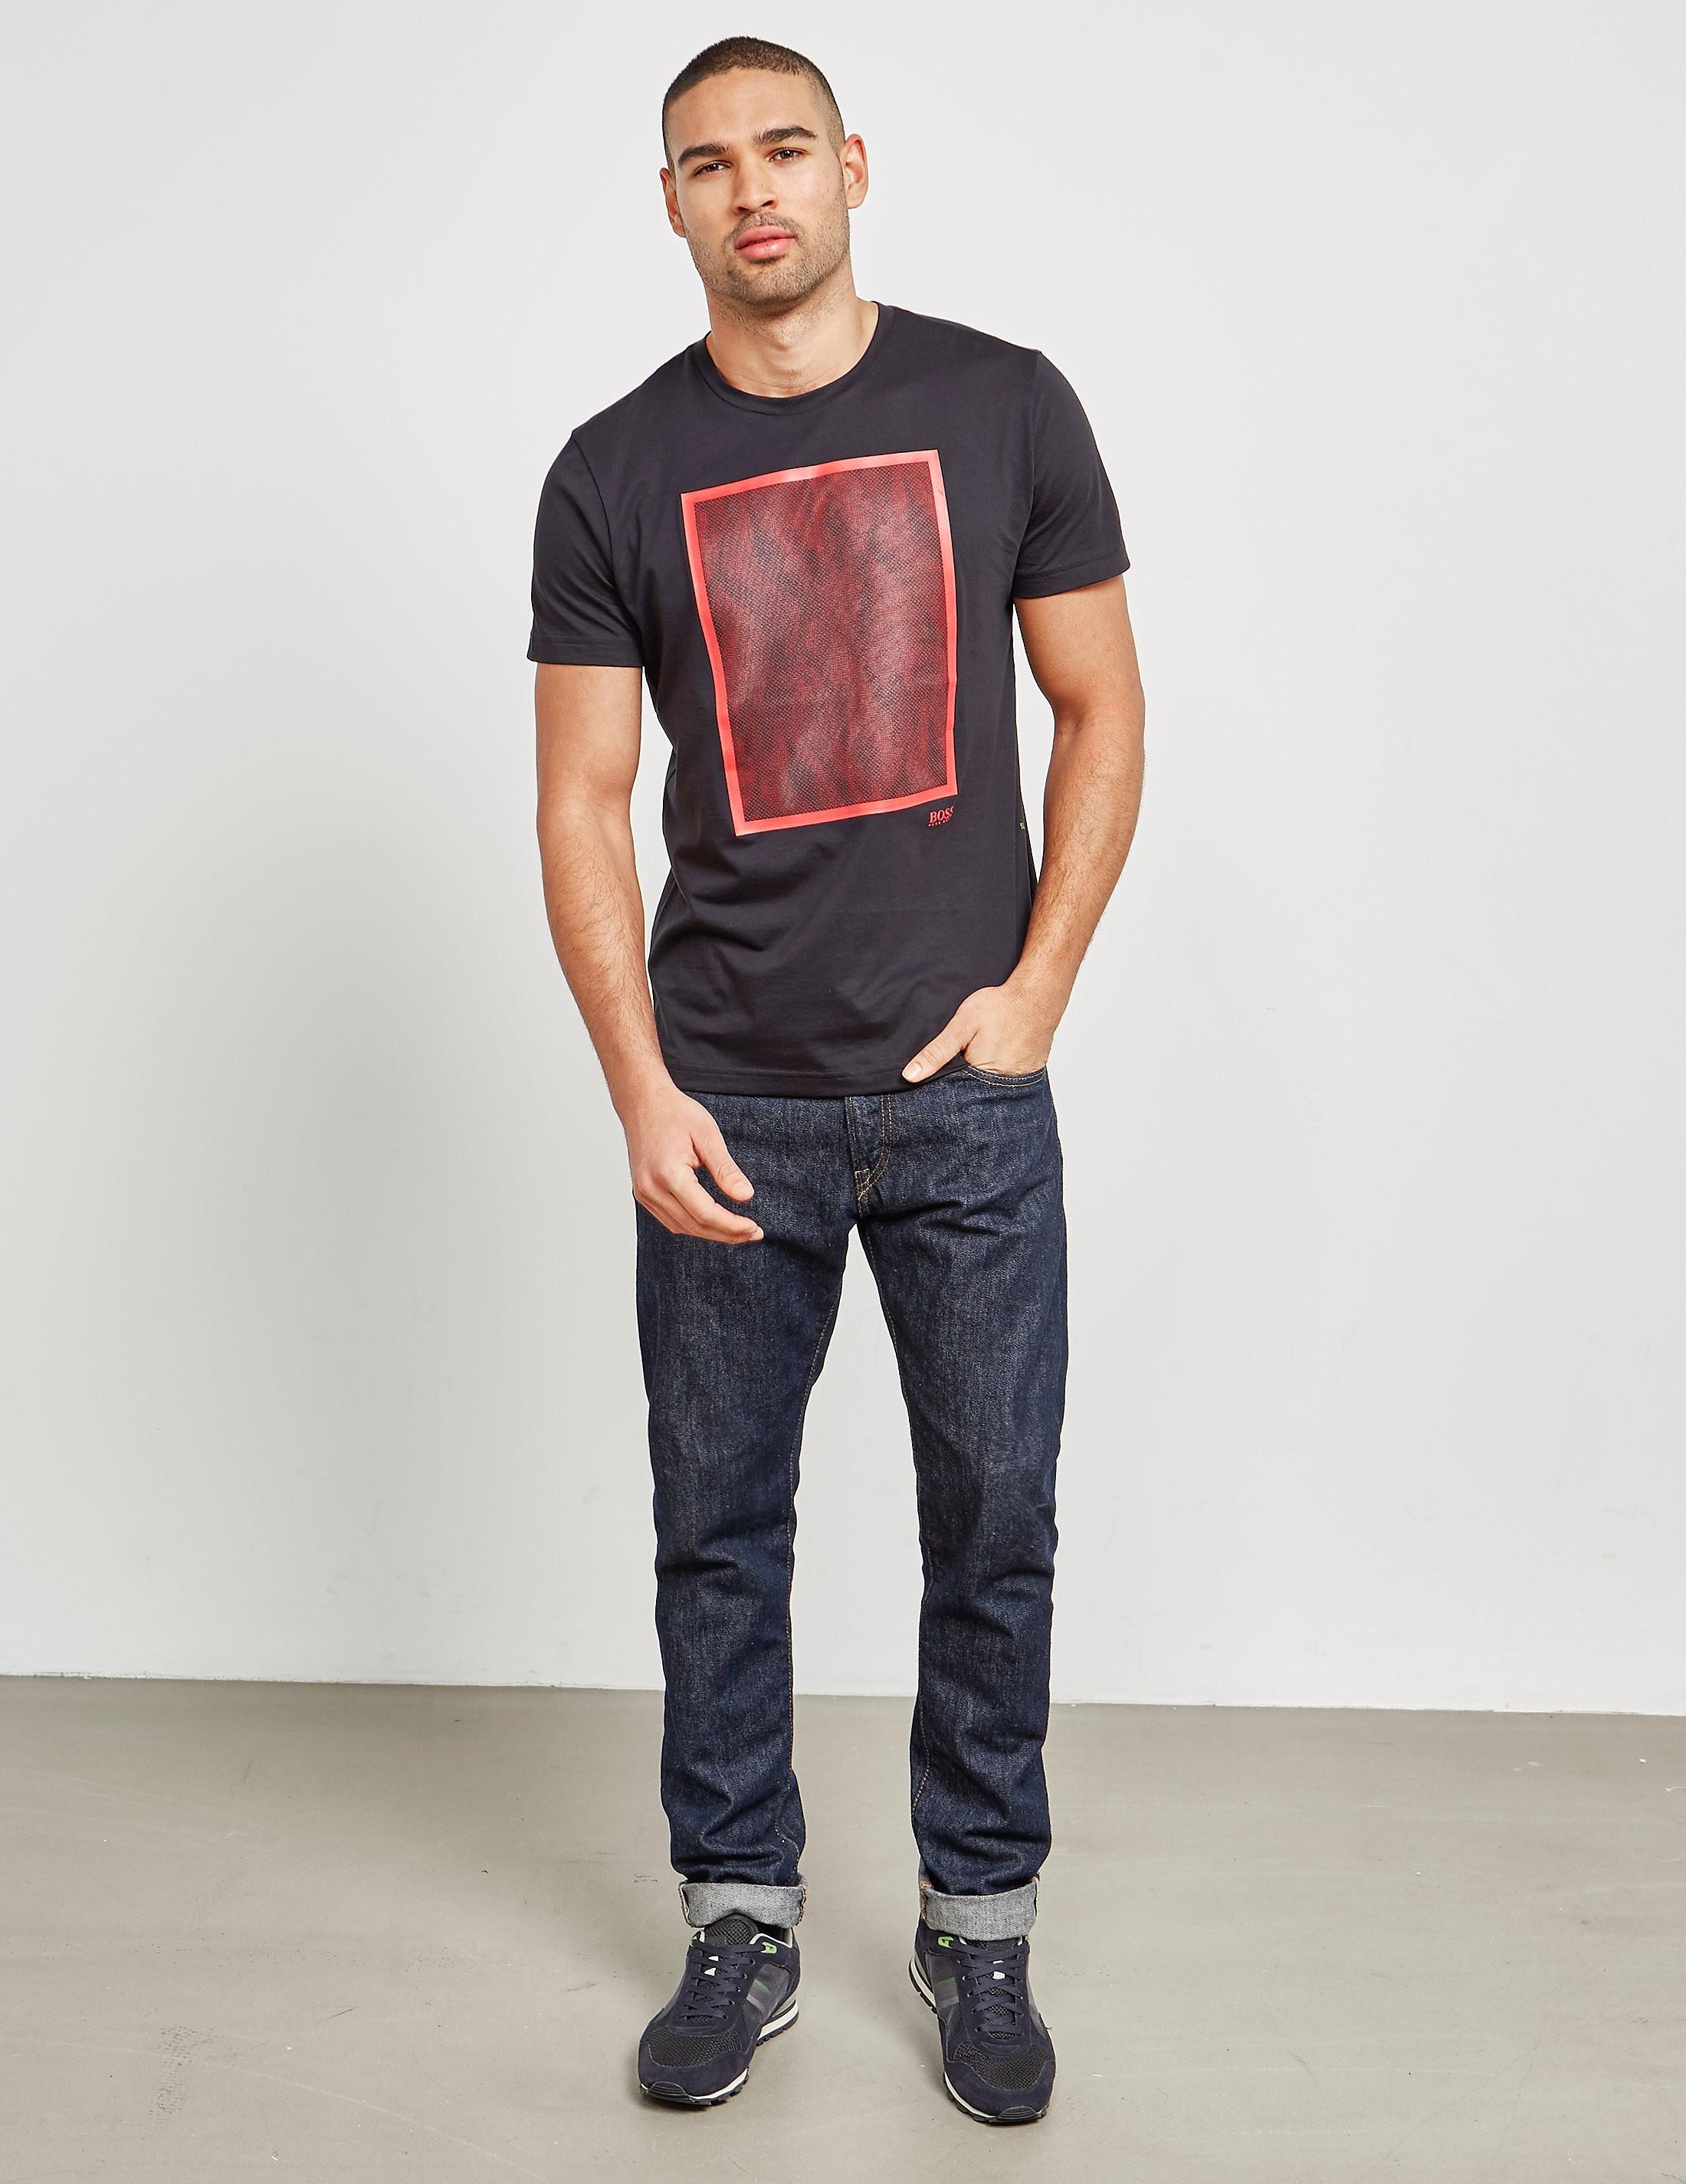 BOSS Green Short Sleeve T-Shirt